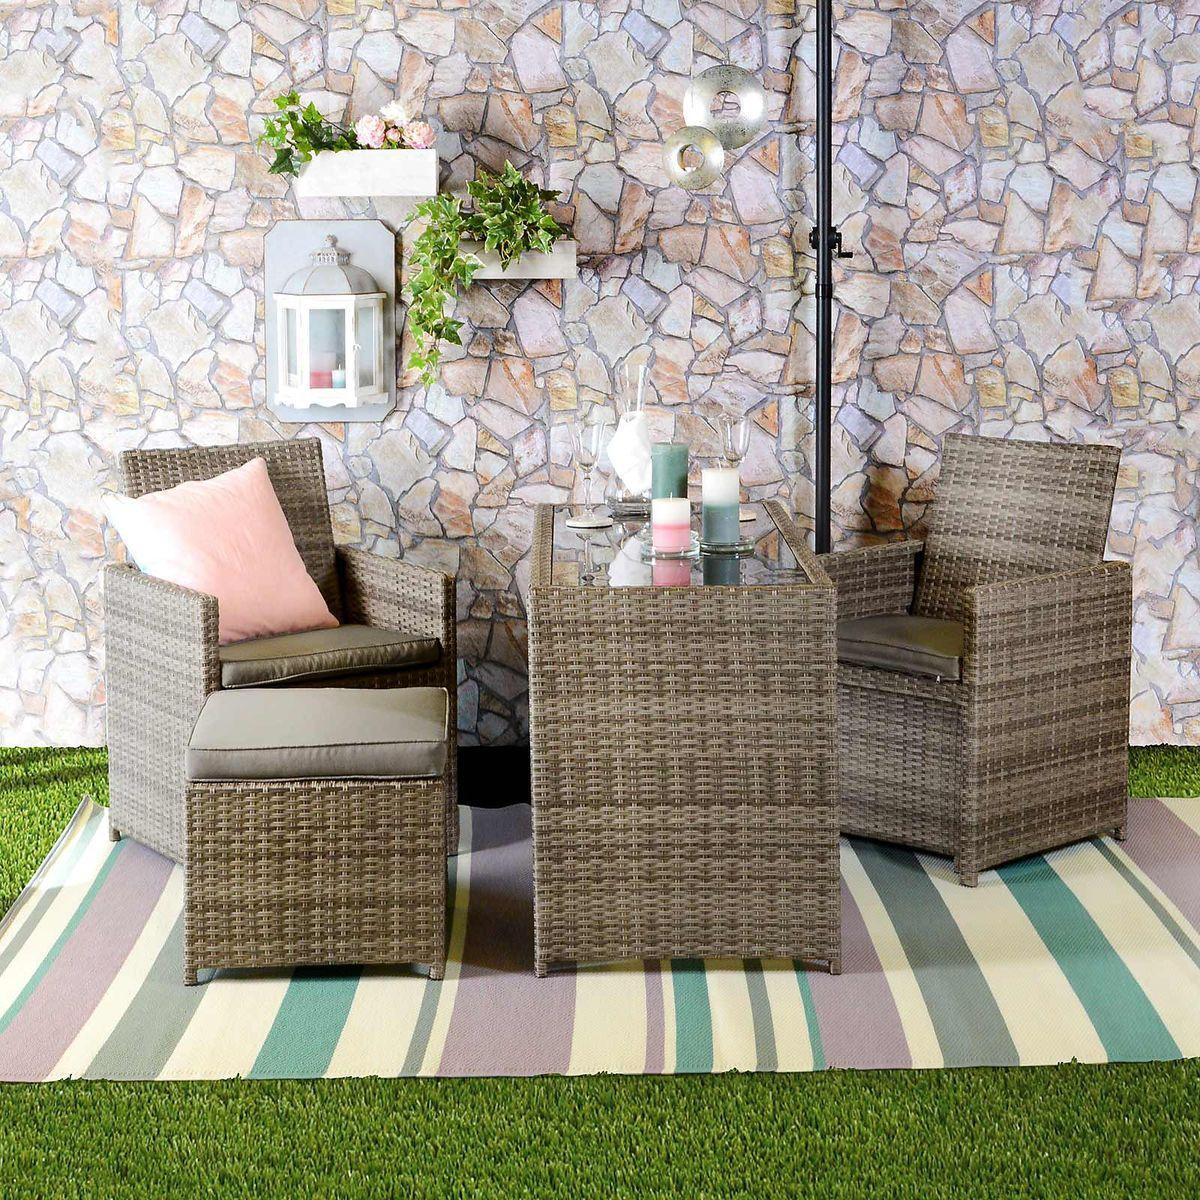 Balkonmöbel-Set aus Polyrattan, inkl Auflagen, 5tlg, grau   Garden ...